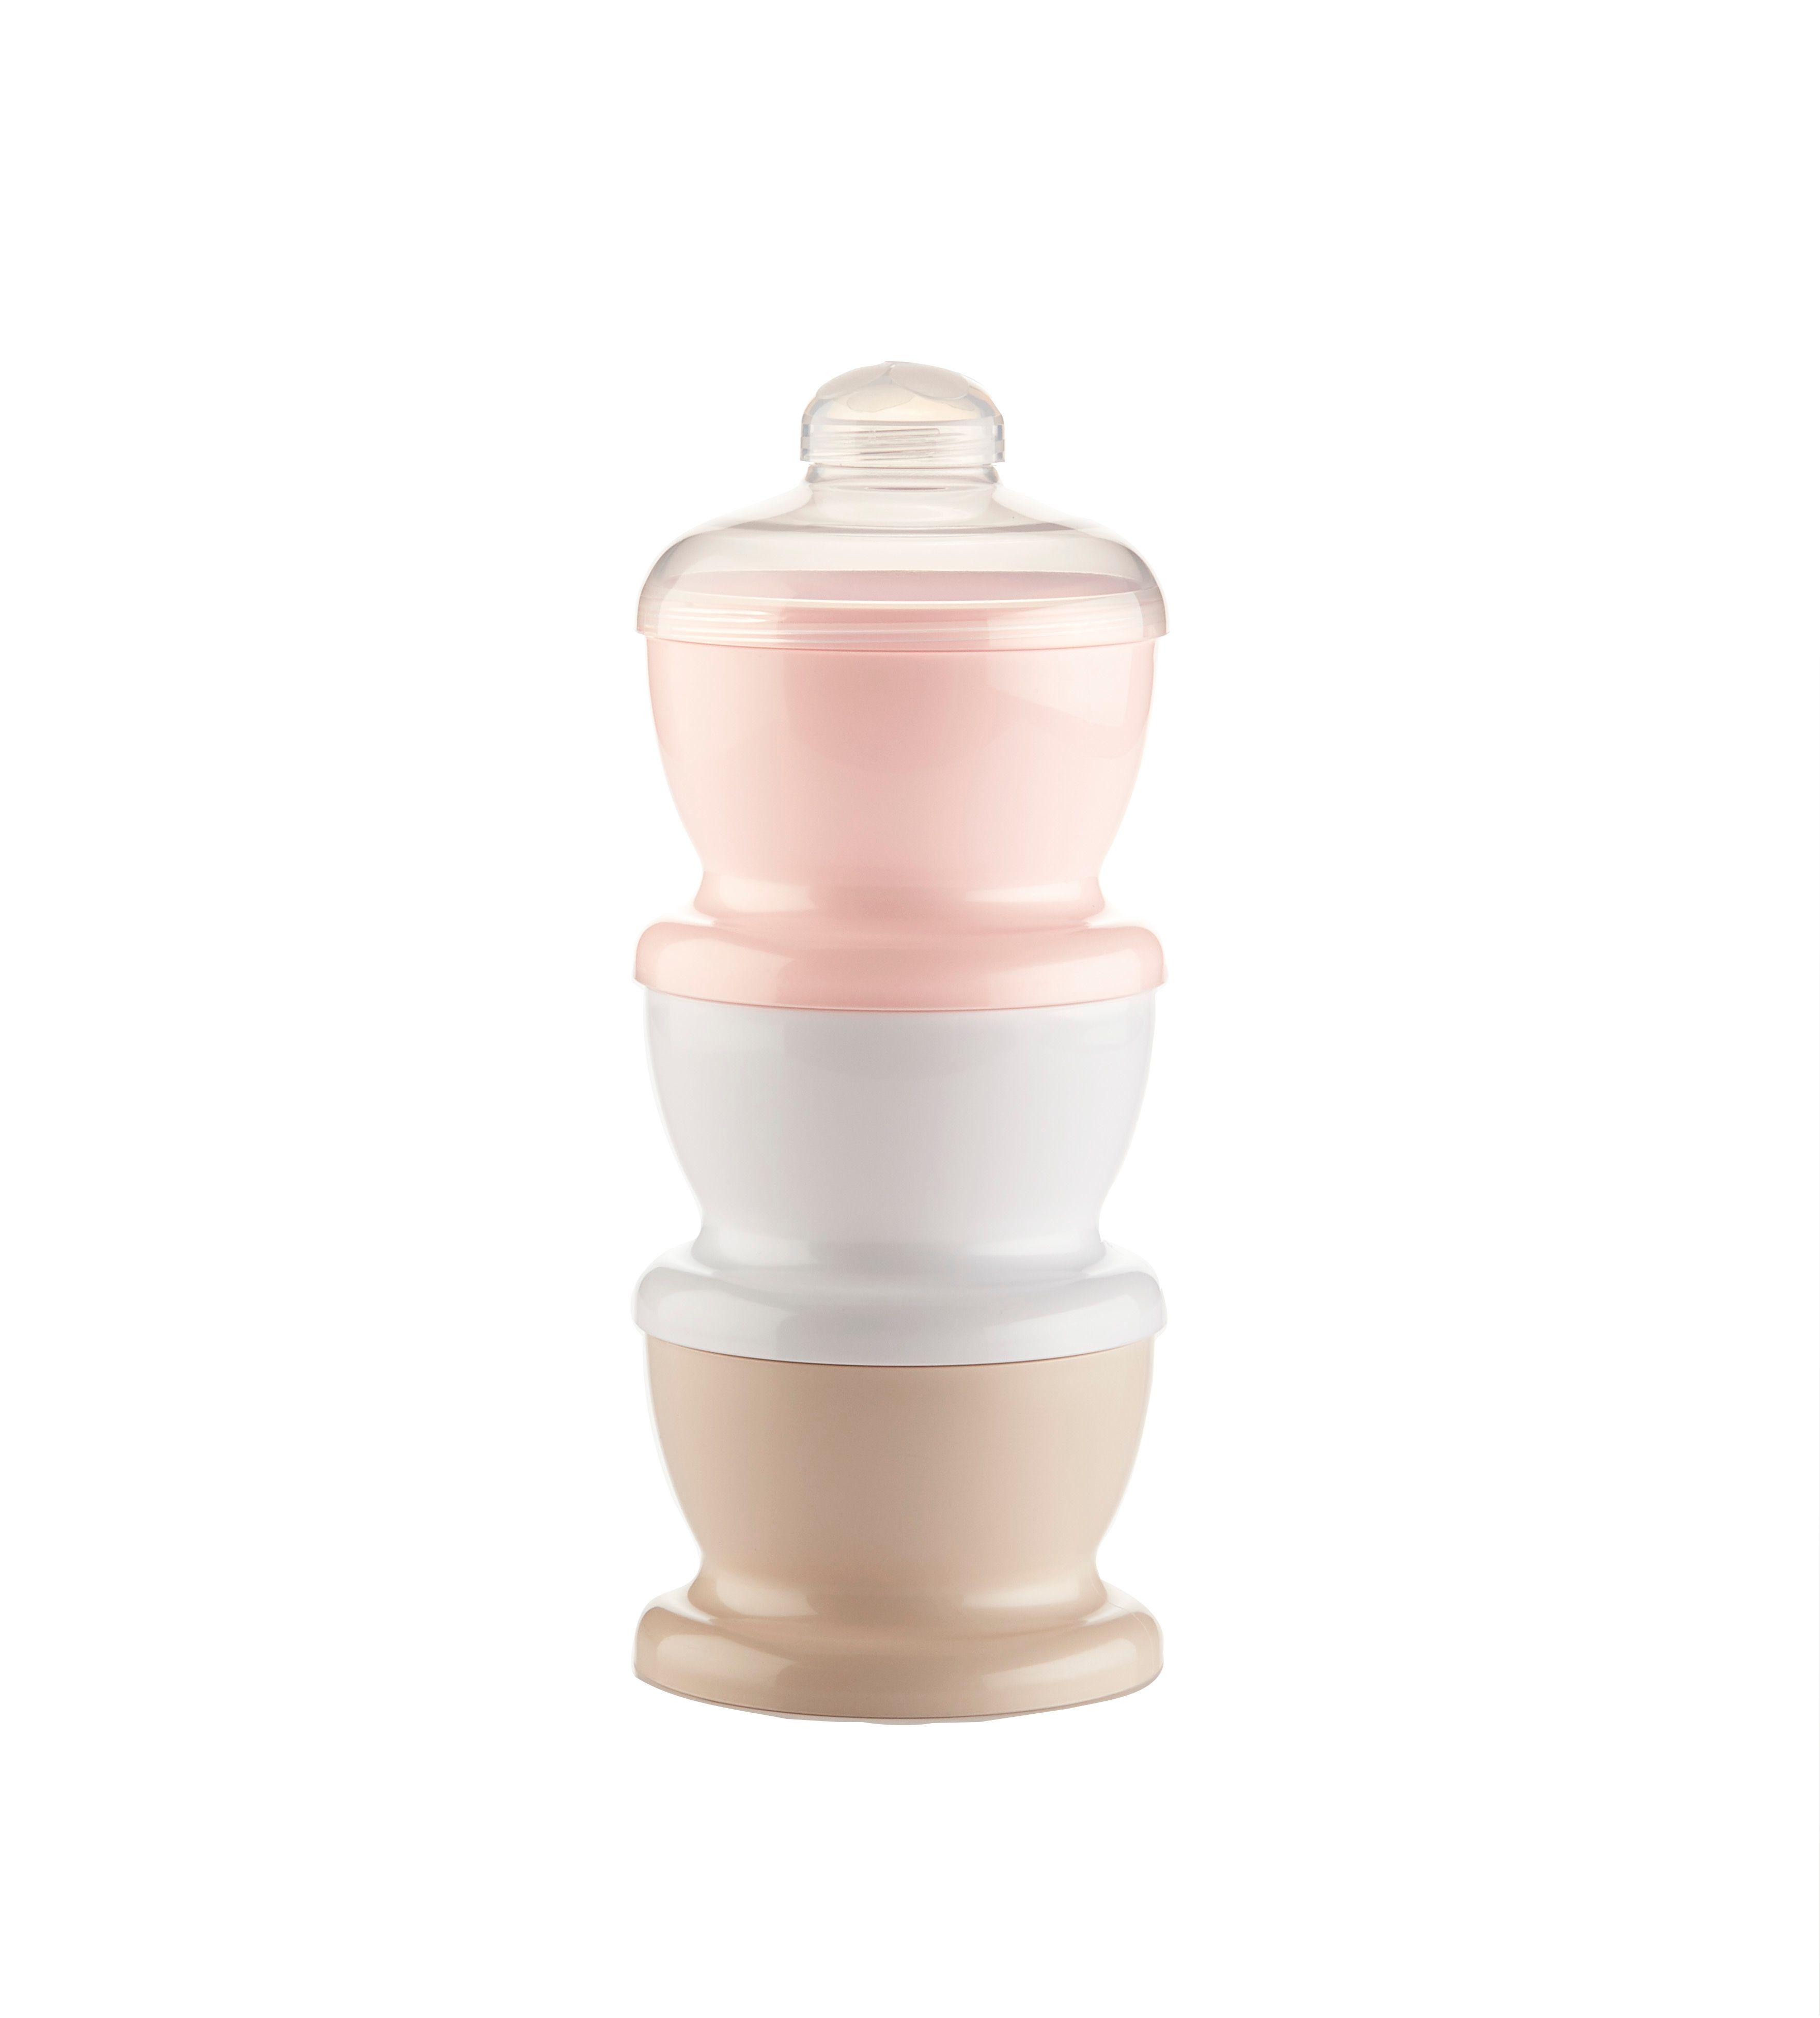 Dávkovač na sušené mléko, Powder Pink